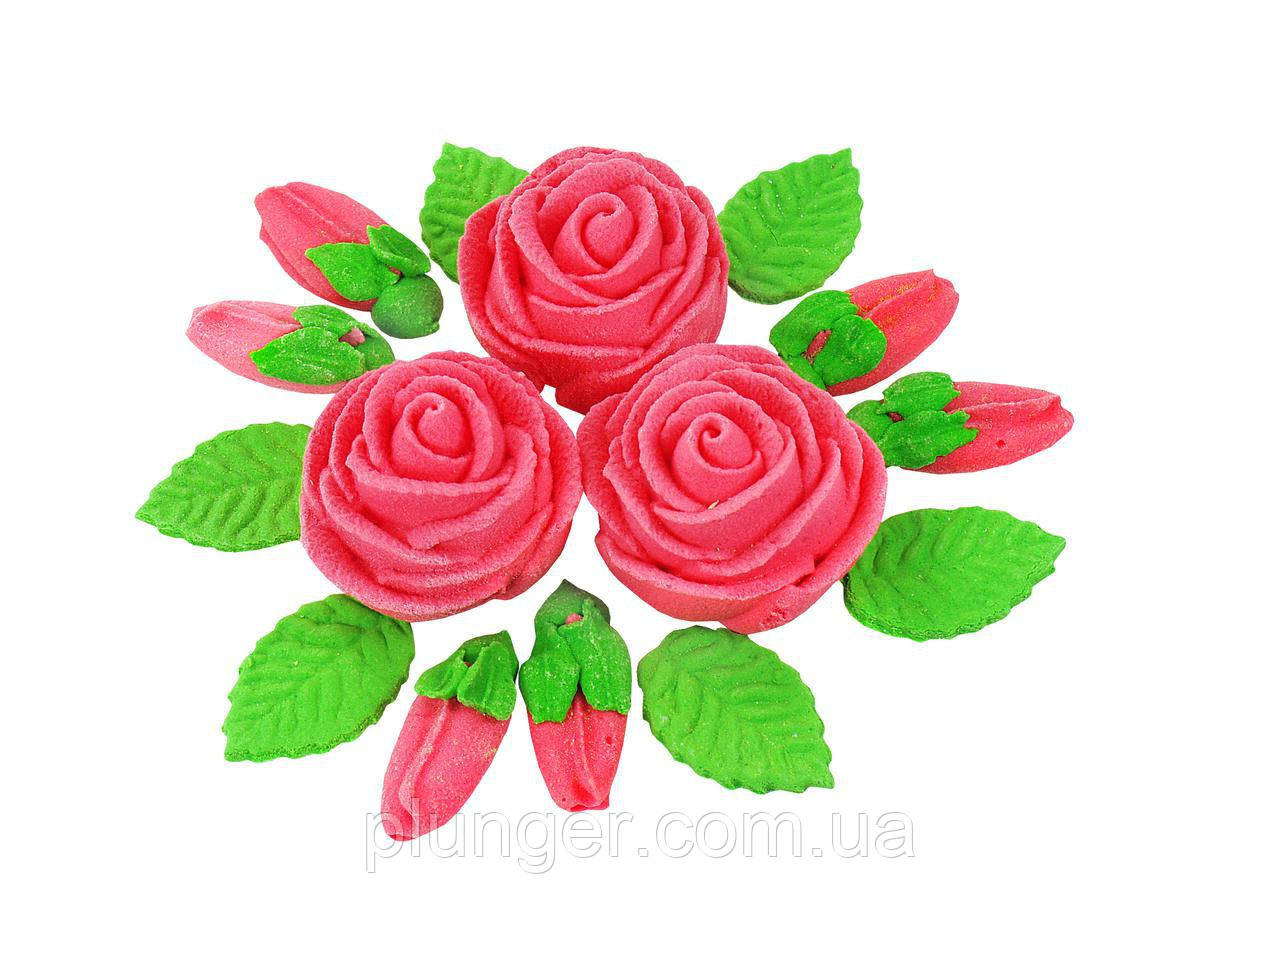 Цукрова прикраса для торта Букет троянд набір з 3 шт